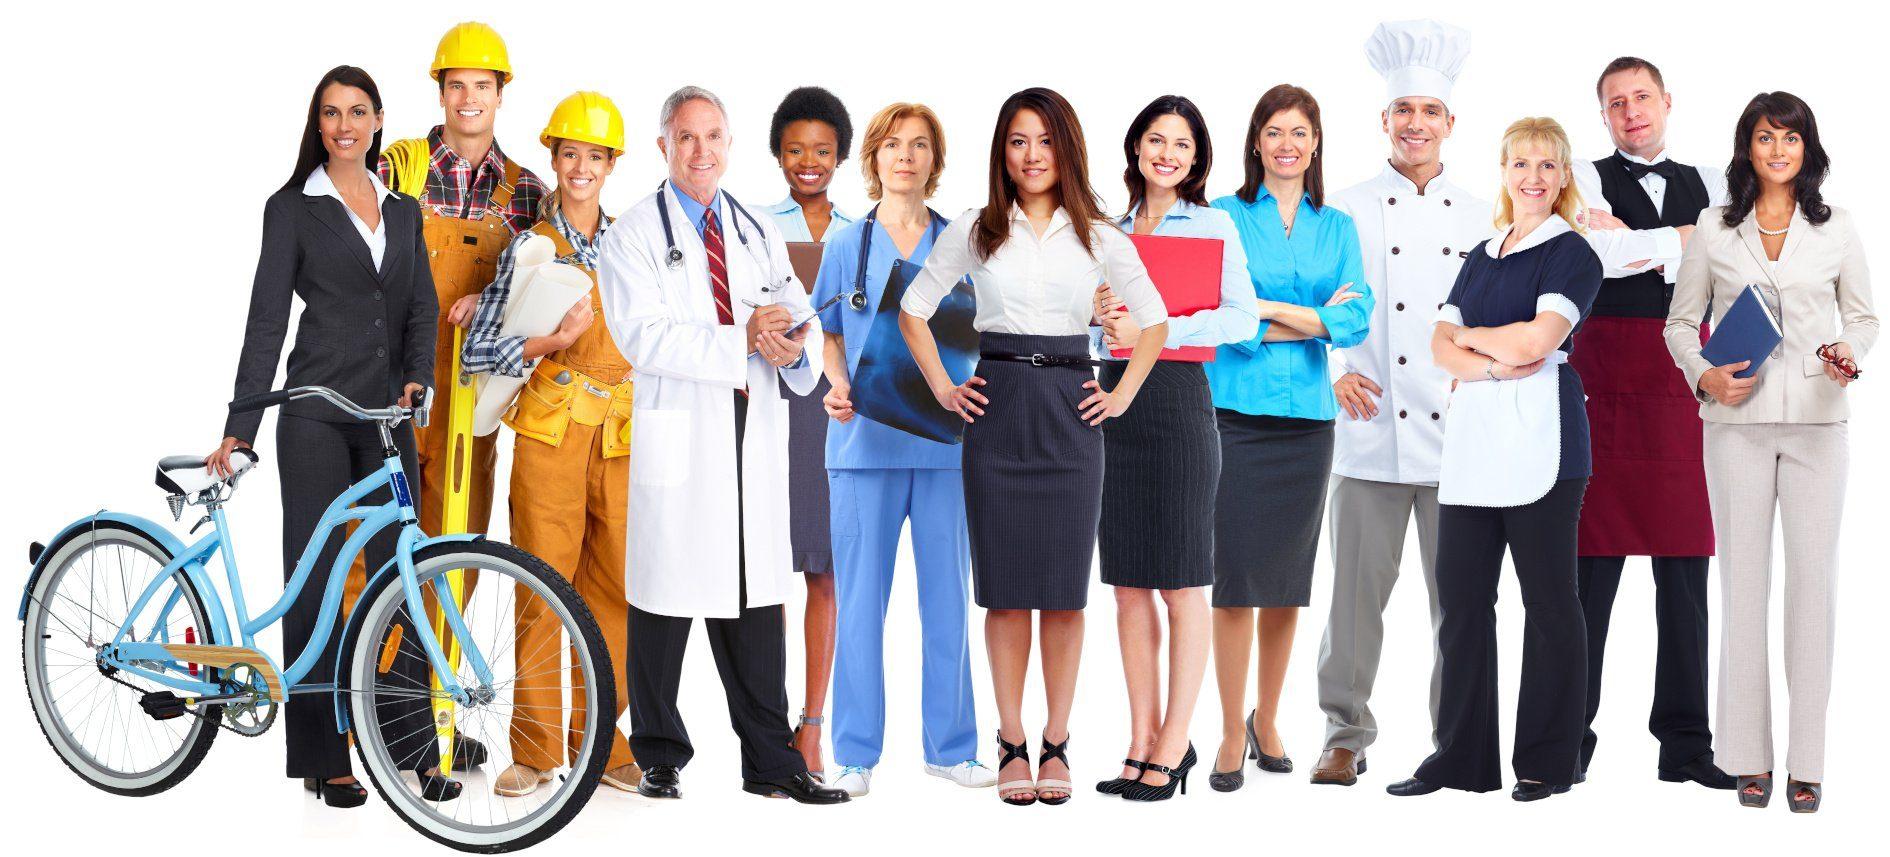 Öffnung der Tarifverträge der VKA für das Fahrradleasing per Gehaltsumwandlung